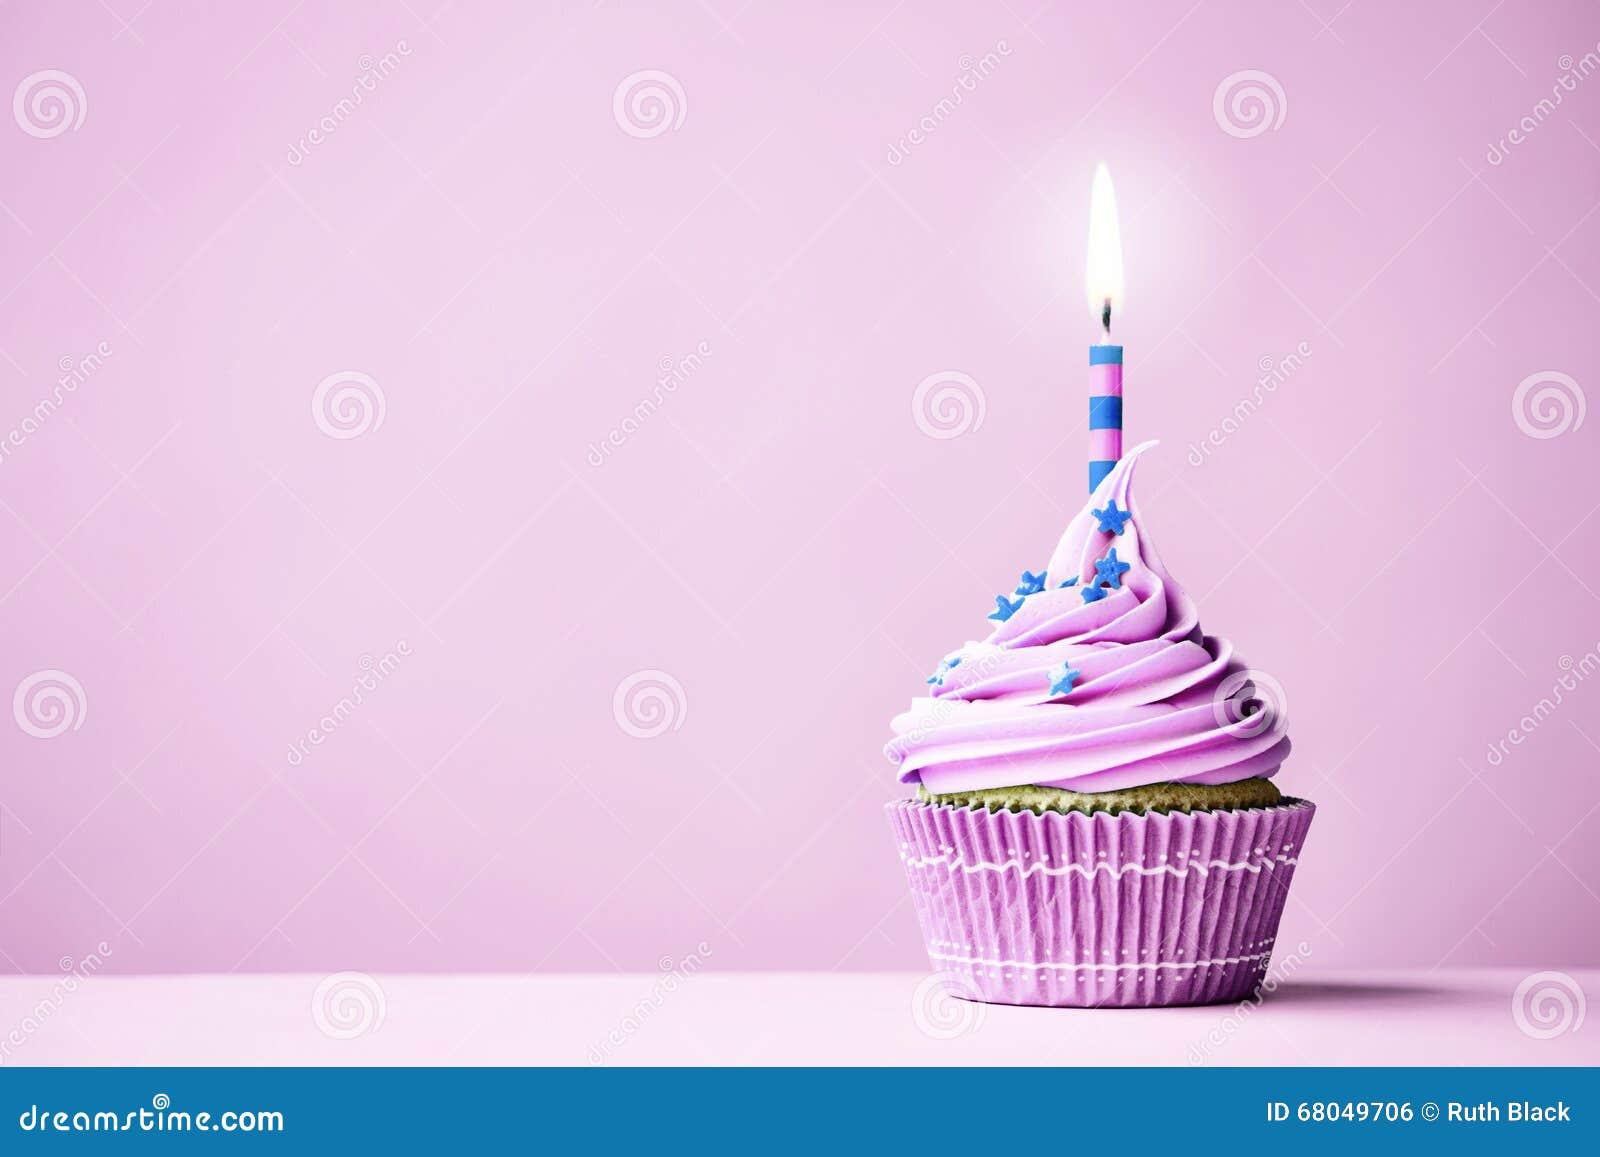 Purple Birthday Cupcake Stock Photo - Image: 68049706